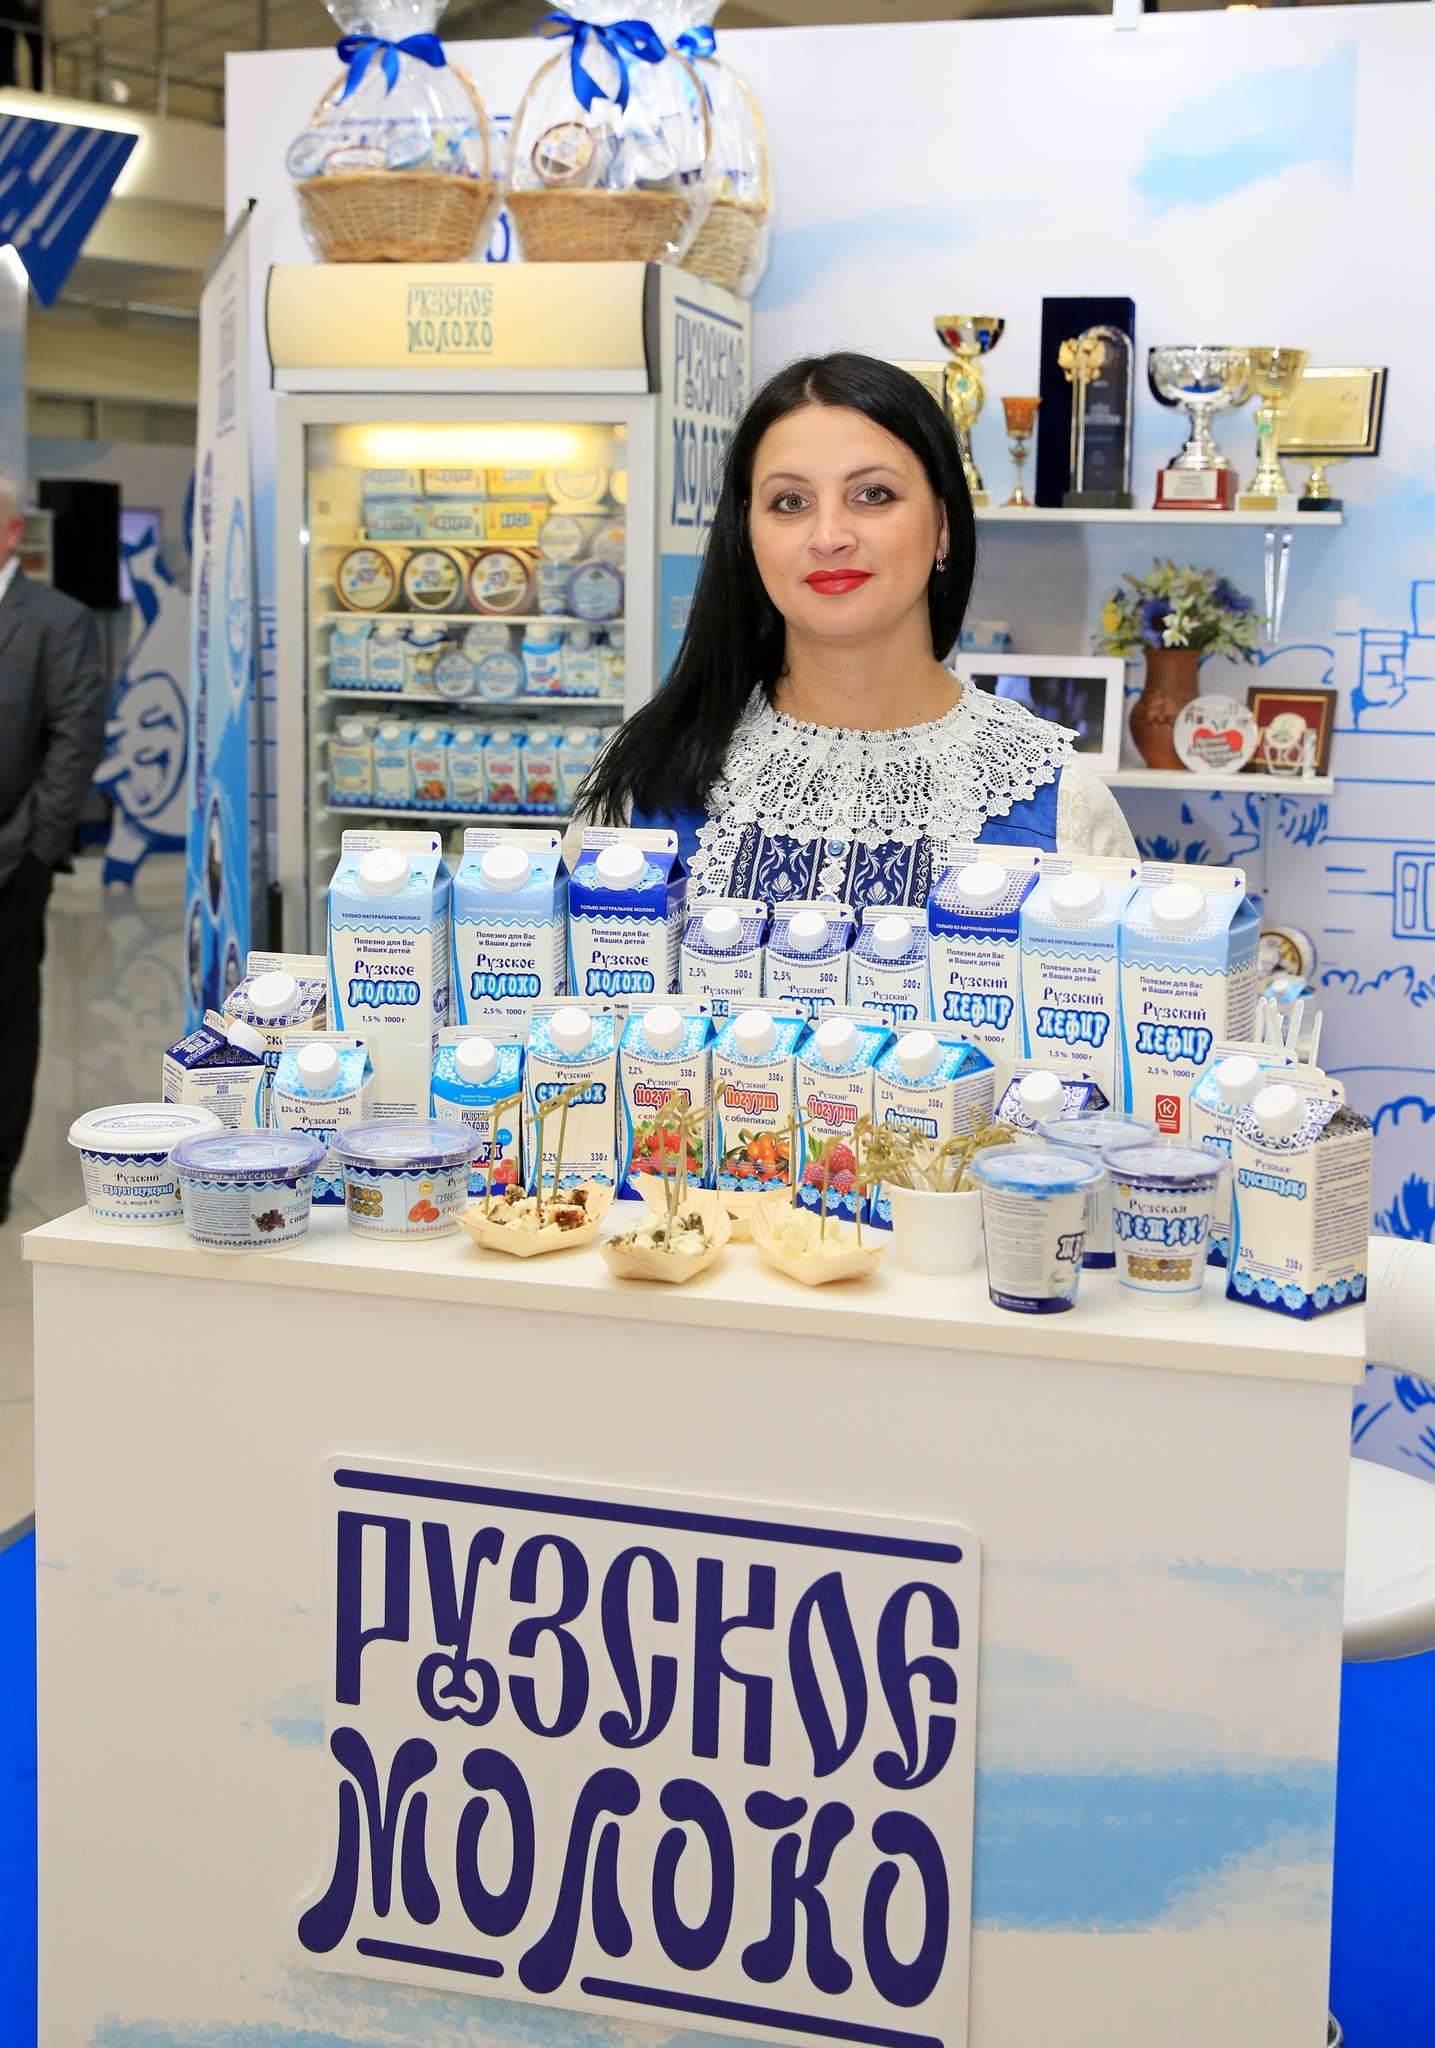 VI Молочный форум состоялся в Доме Правительства, Рузское Молоко приняло участие